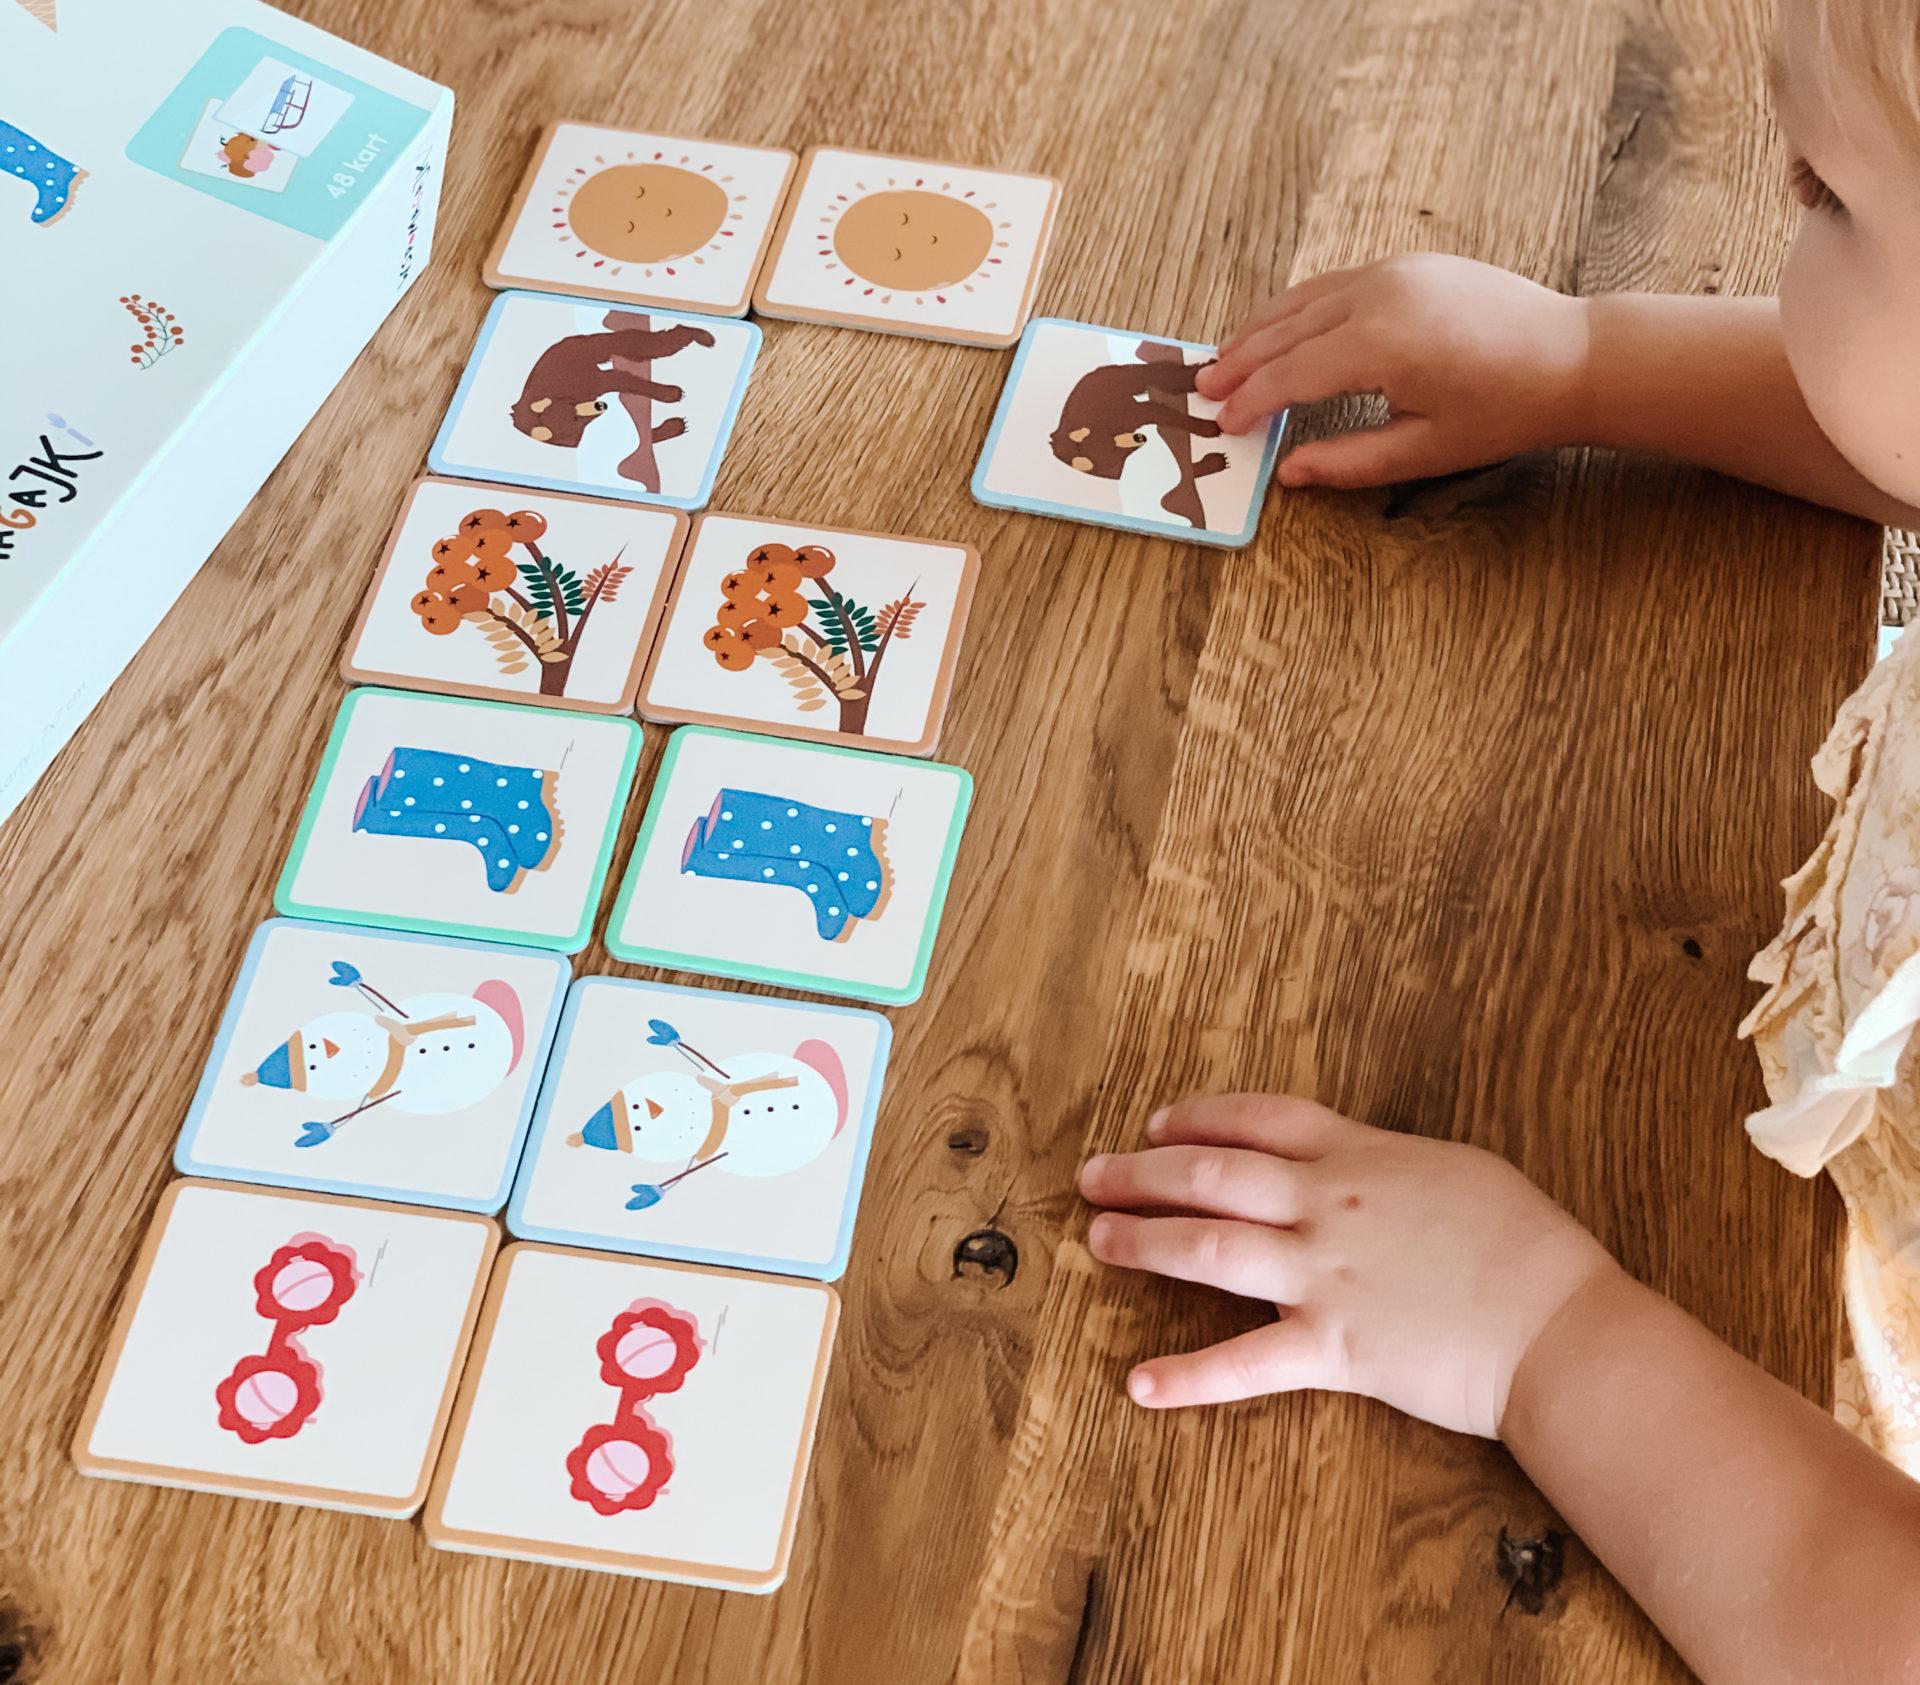 Dwuletnia dziewczynka uczy się słów